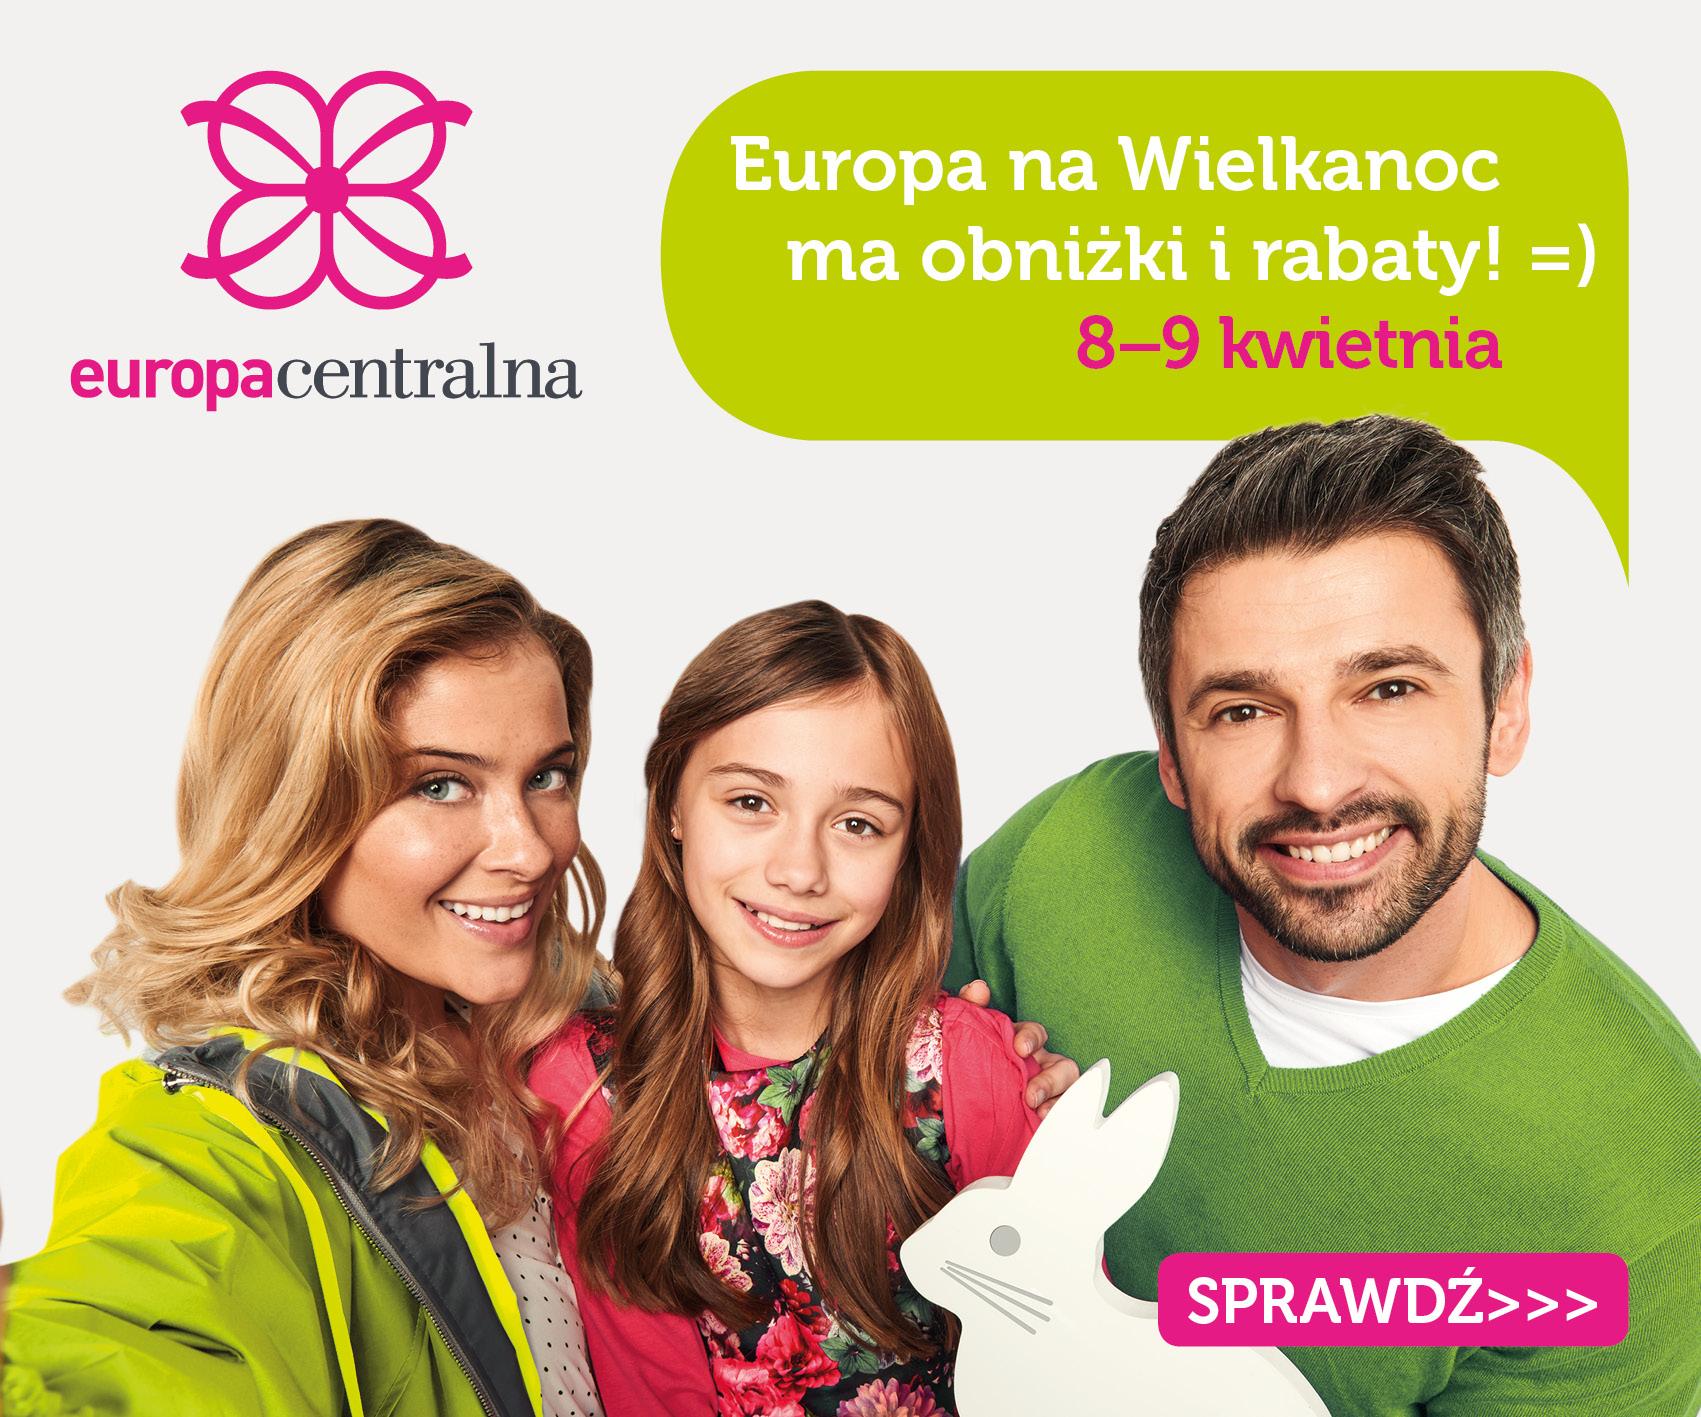 Europa Centralna na Wielkanoc